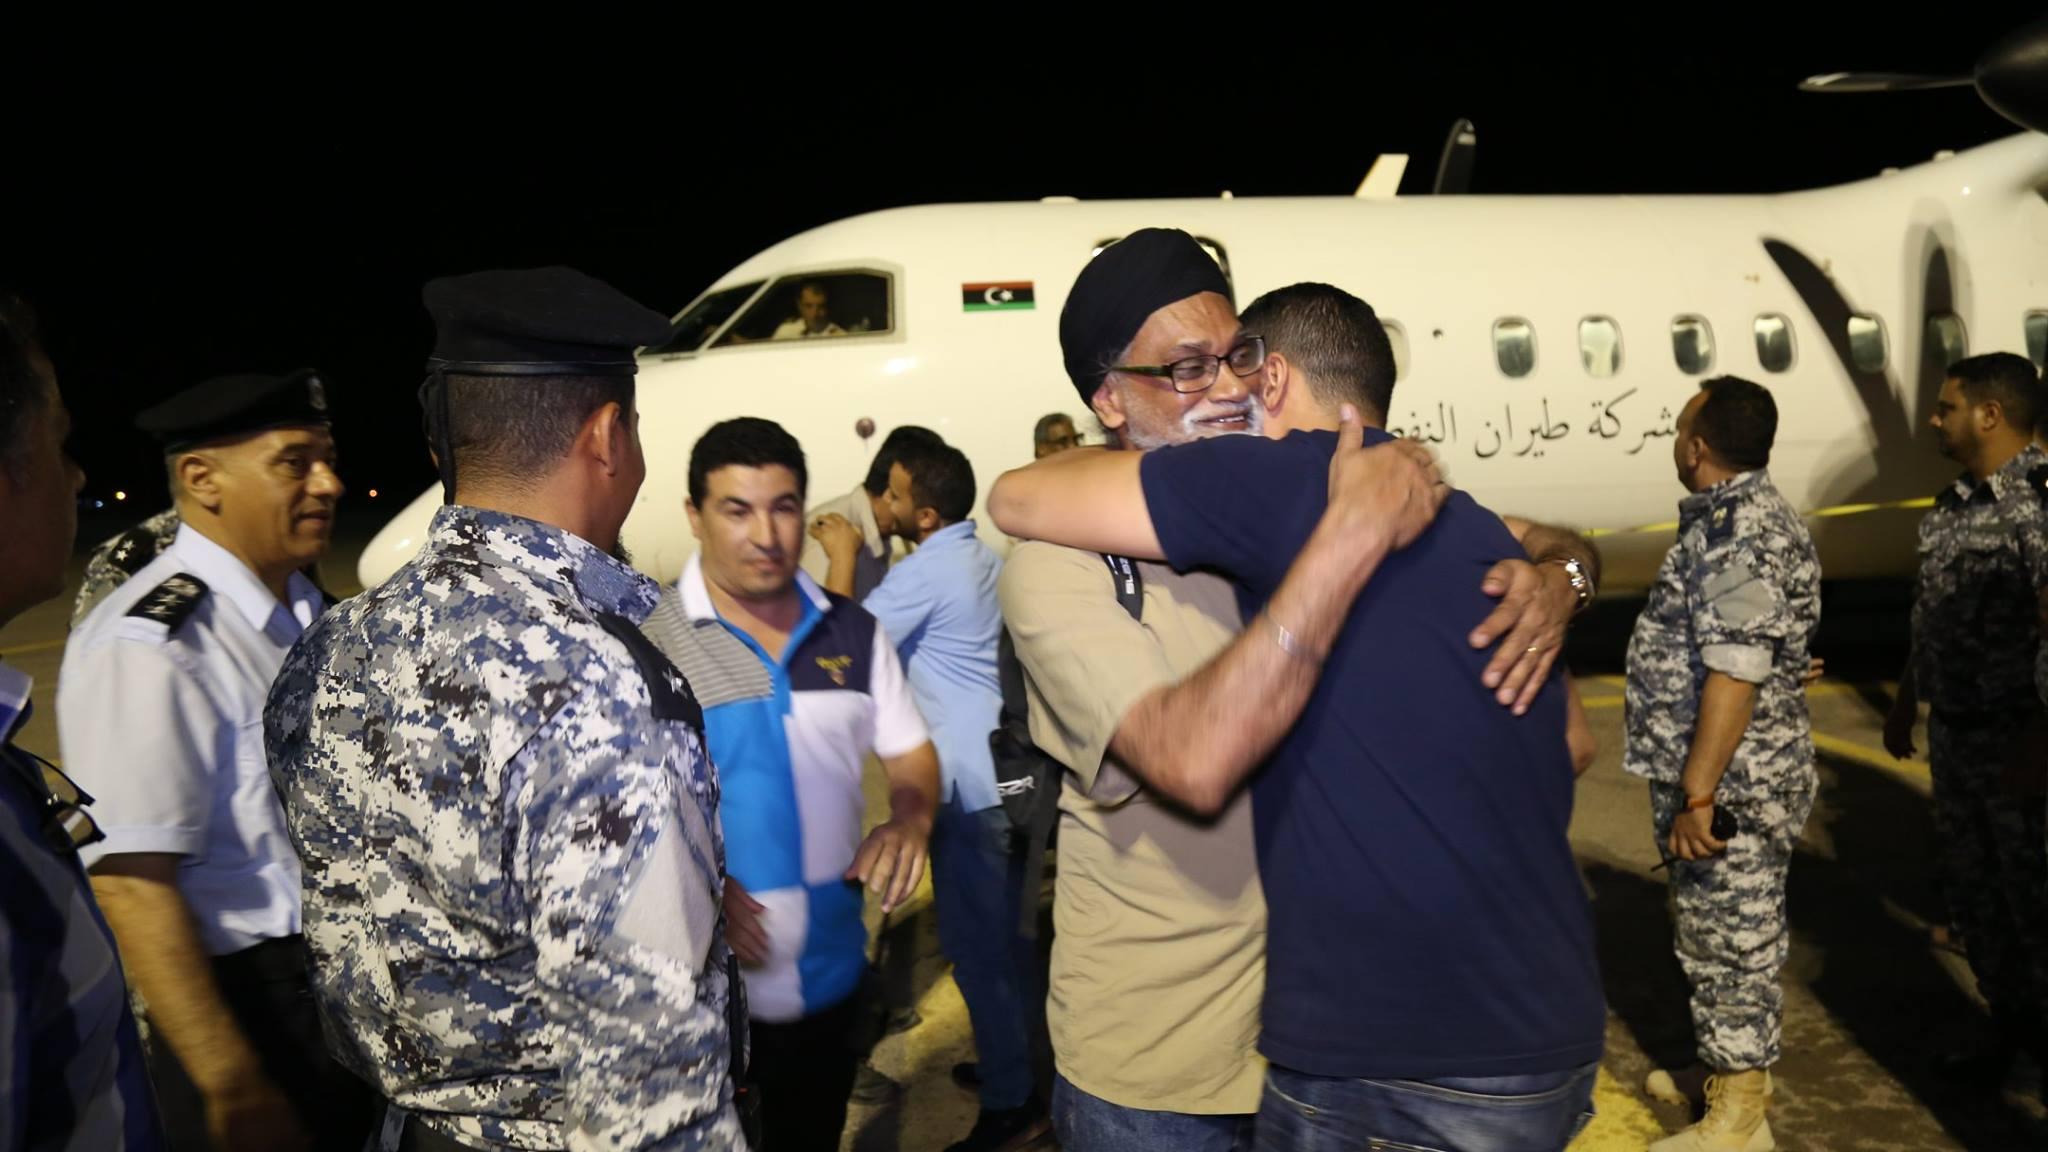 البعثة الأممية في ليبيا تشكر جهود رئاسي الوفاق